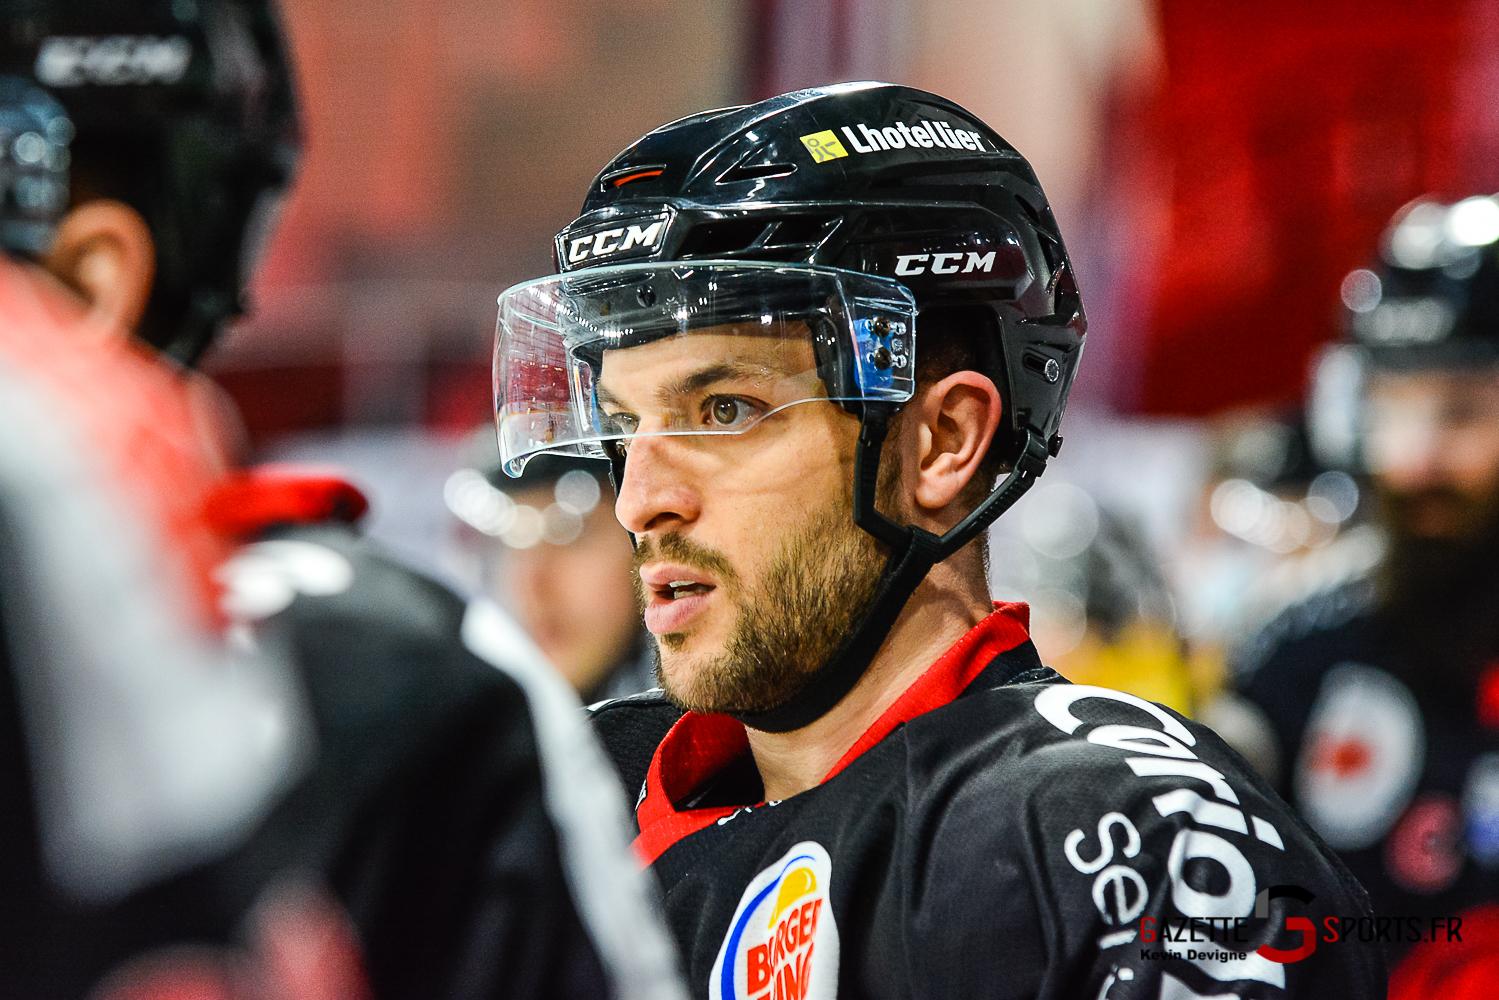 hockey sur glace amiens vs rouen 2021 kevin devigne gazettesports 24